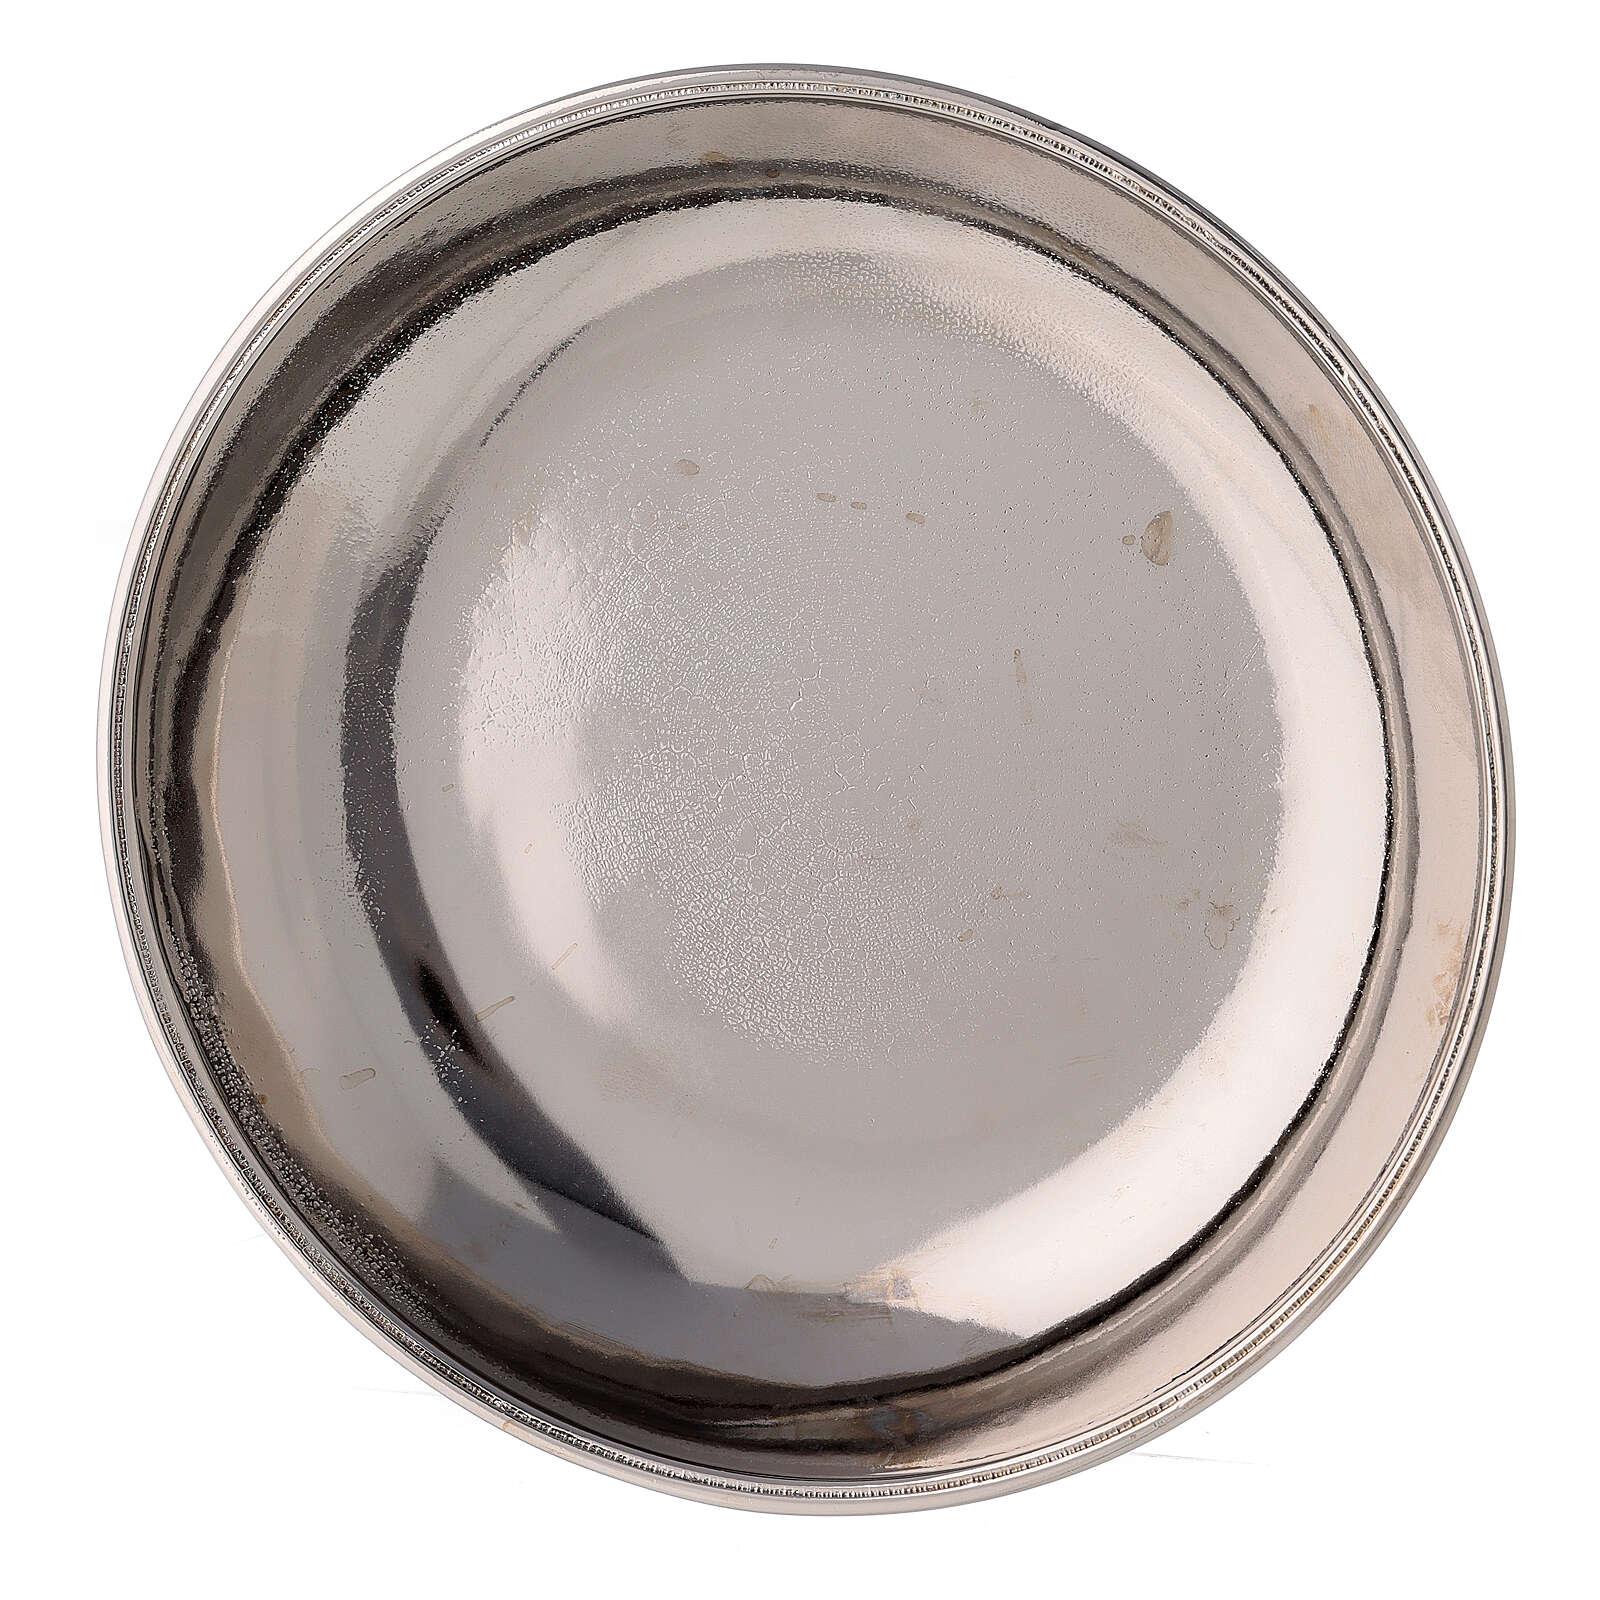 Jarra y plato para manutergio de latón niquelado lúcido 3